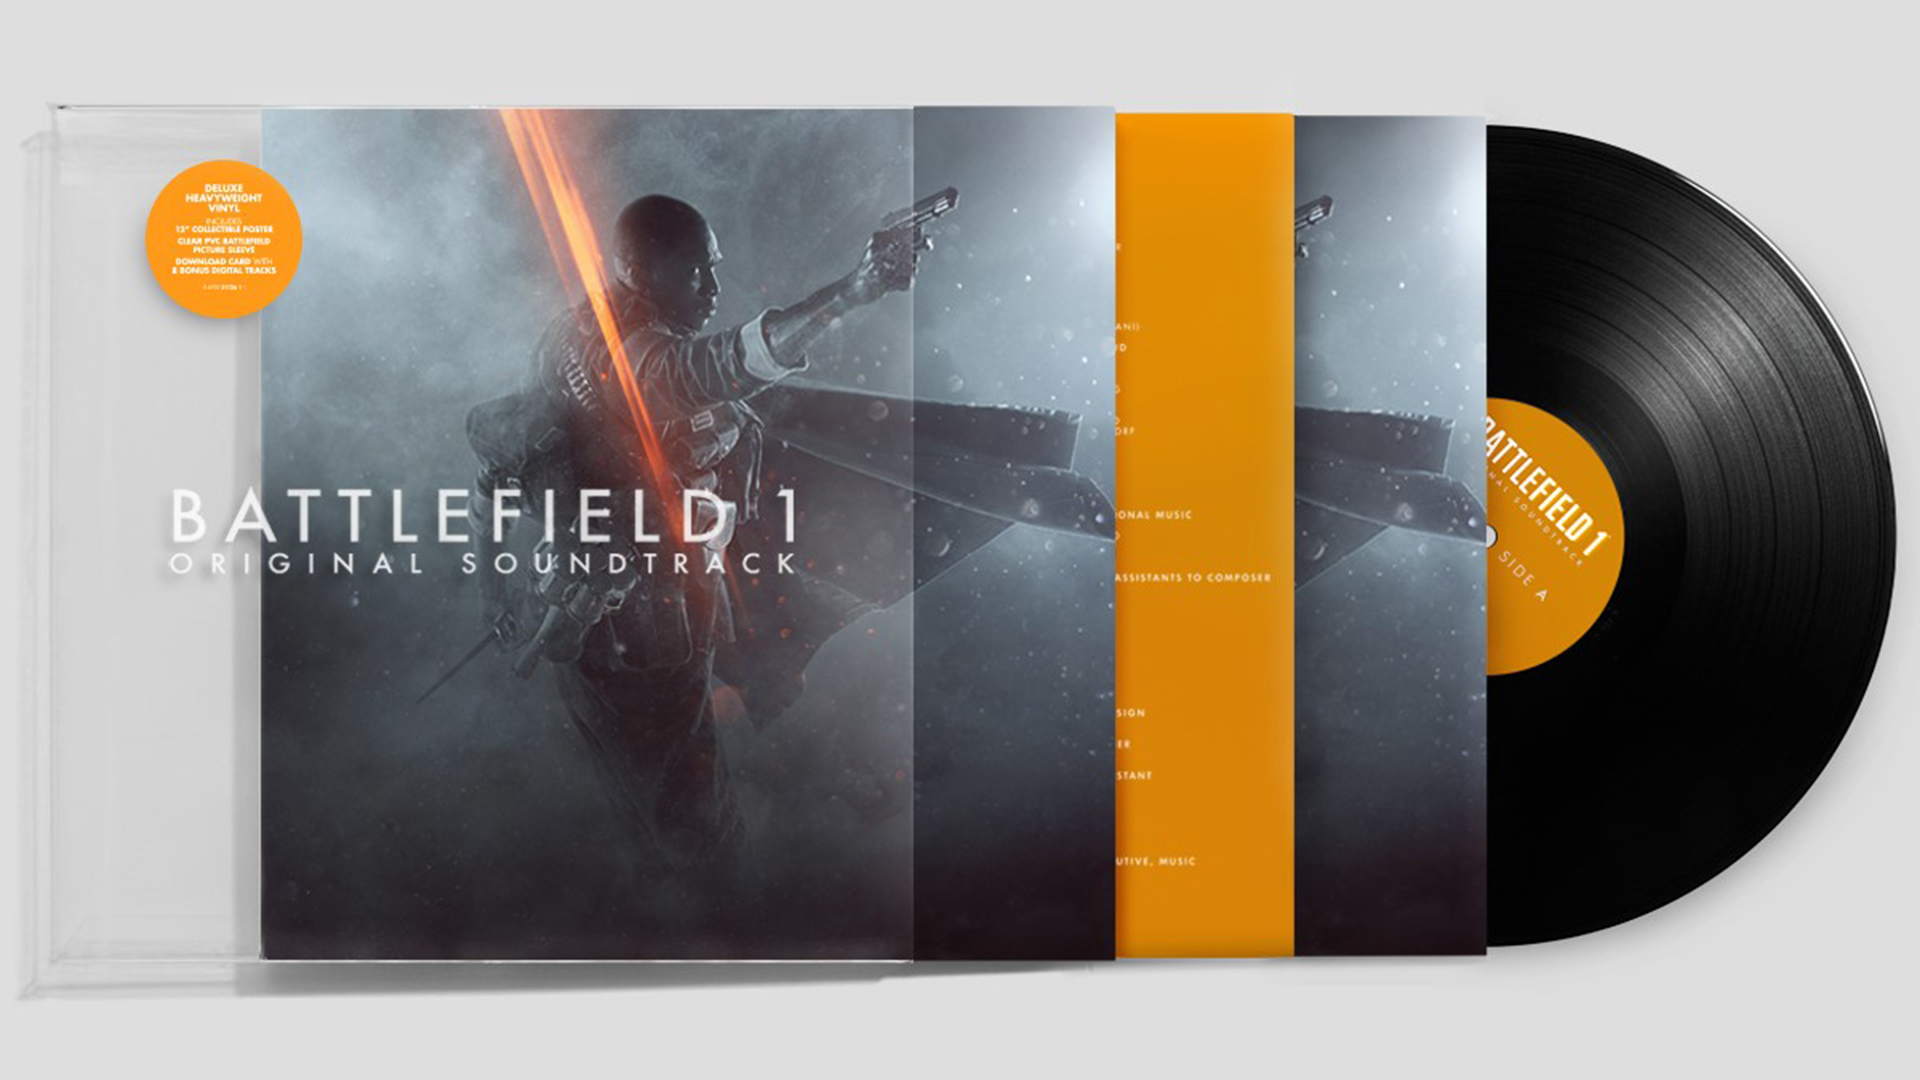 ontvang een gratis battlefield 1 deluxe edition upgrade bij